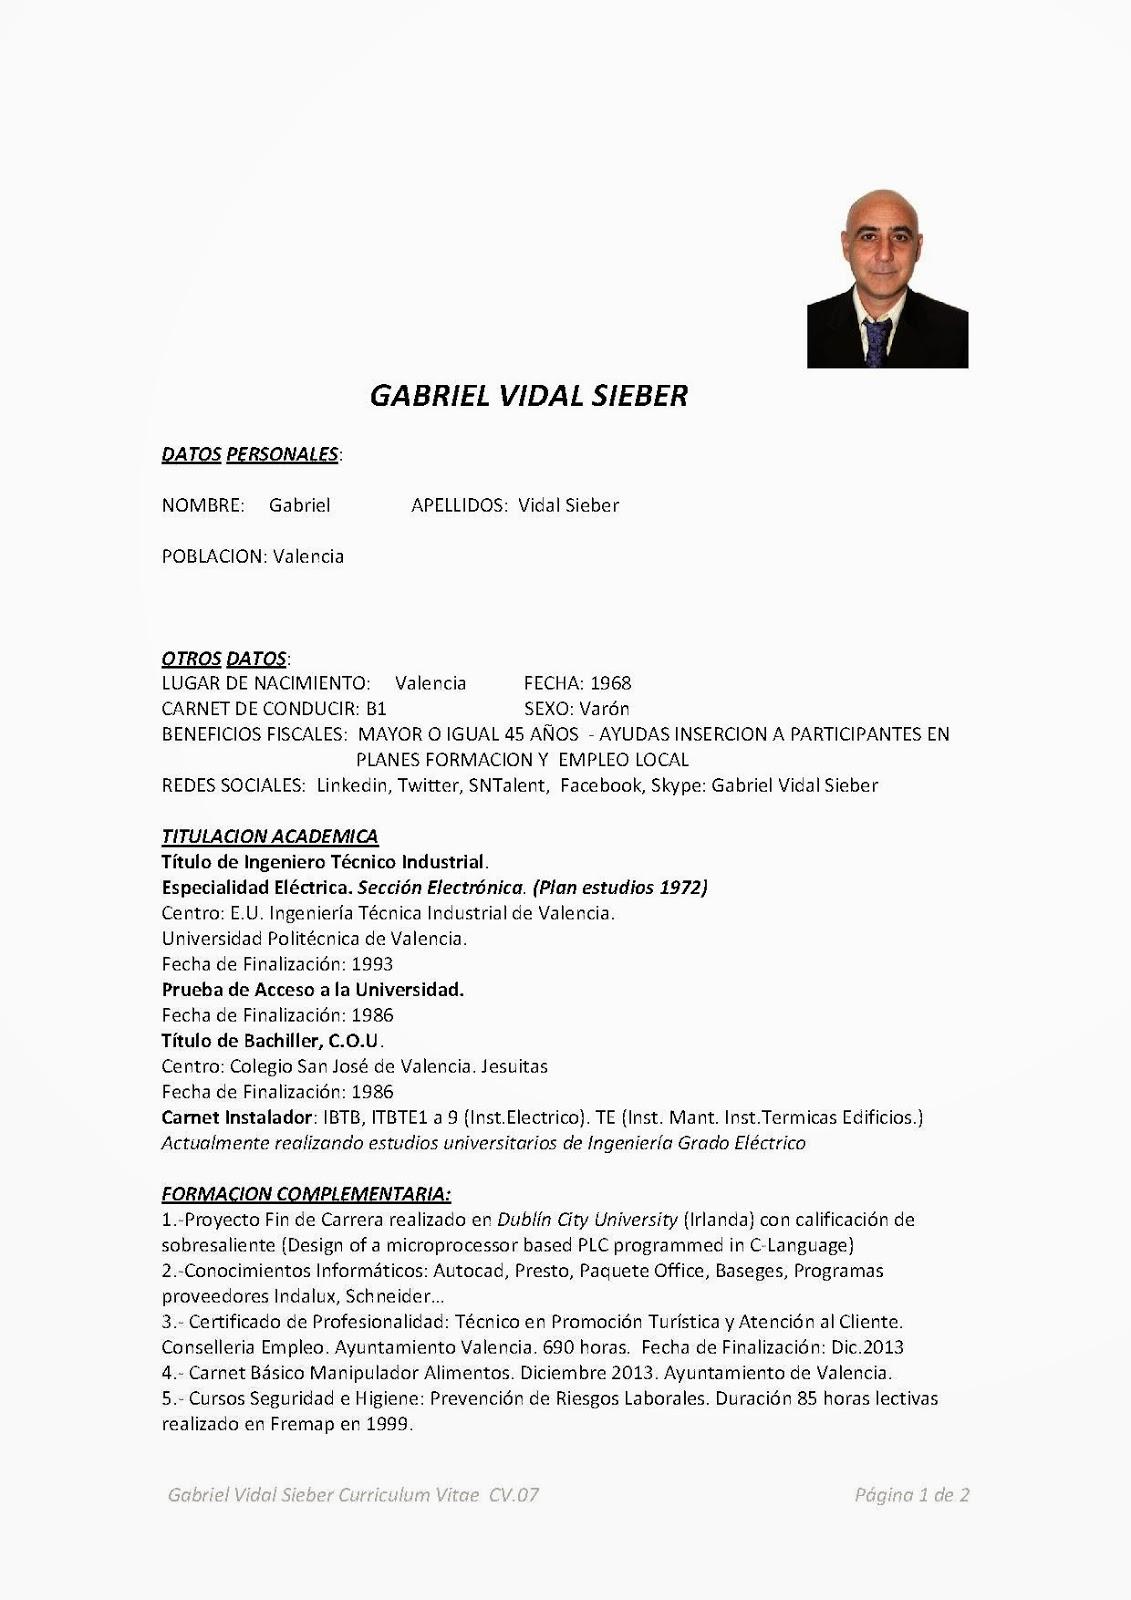 Bonito Mi Currículum Fotos Modelo - Ejemplo De Colección De ...